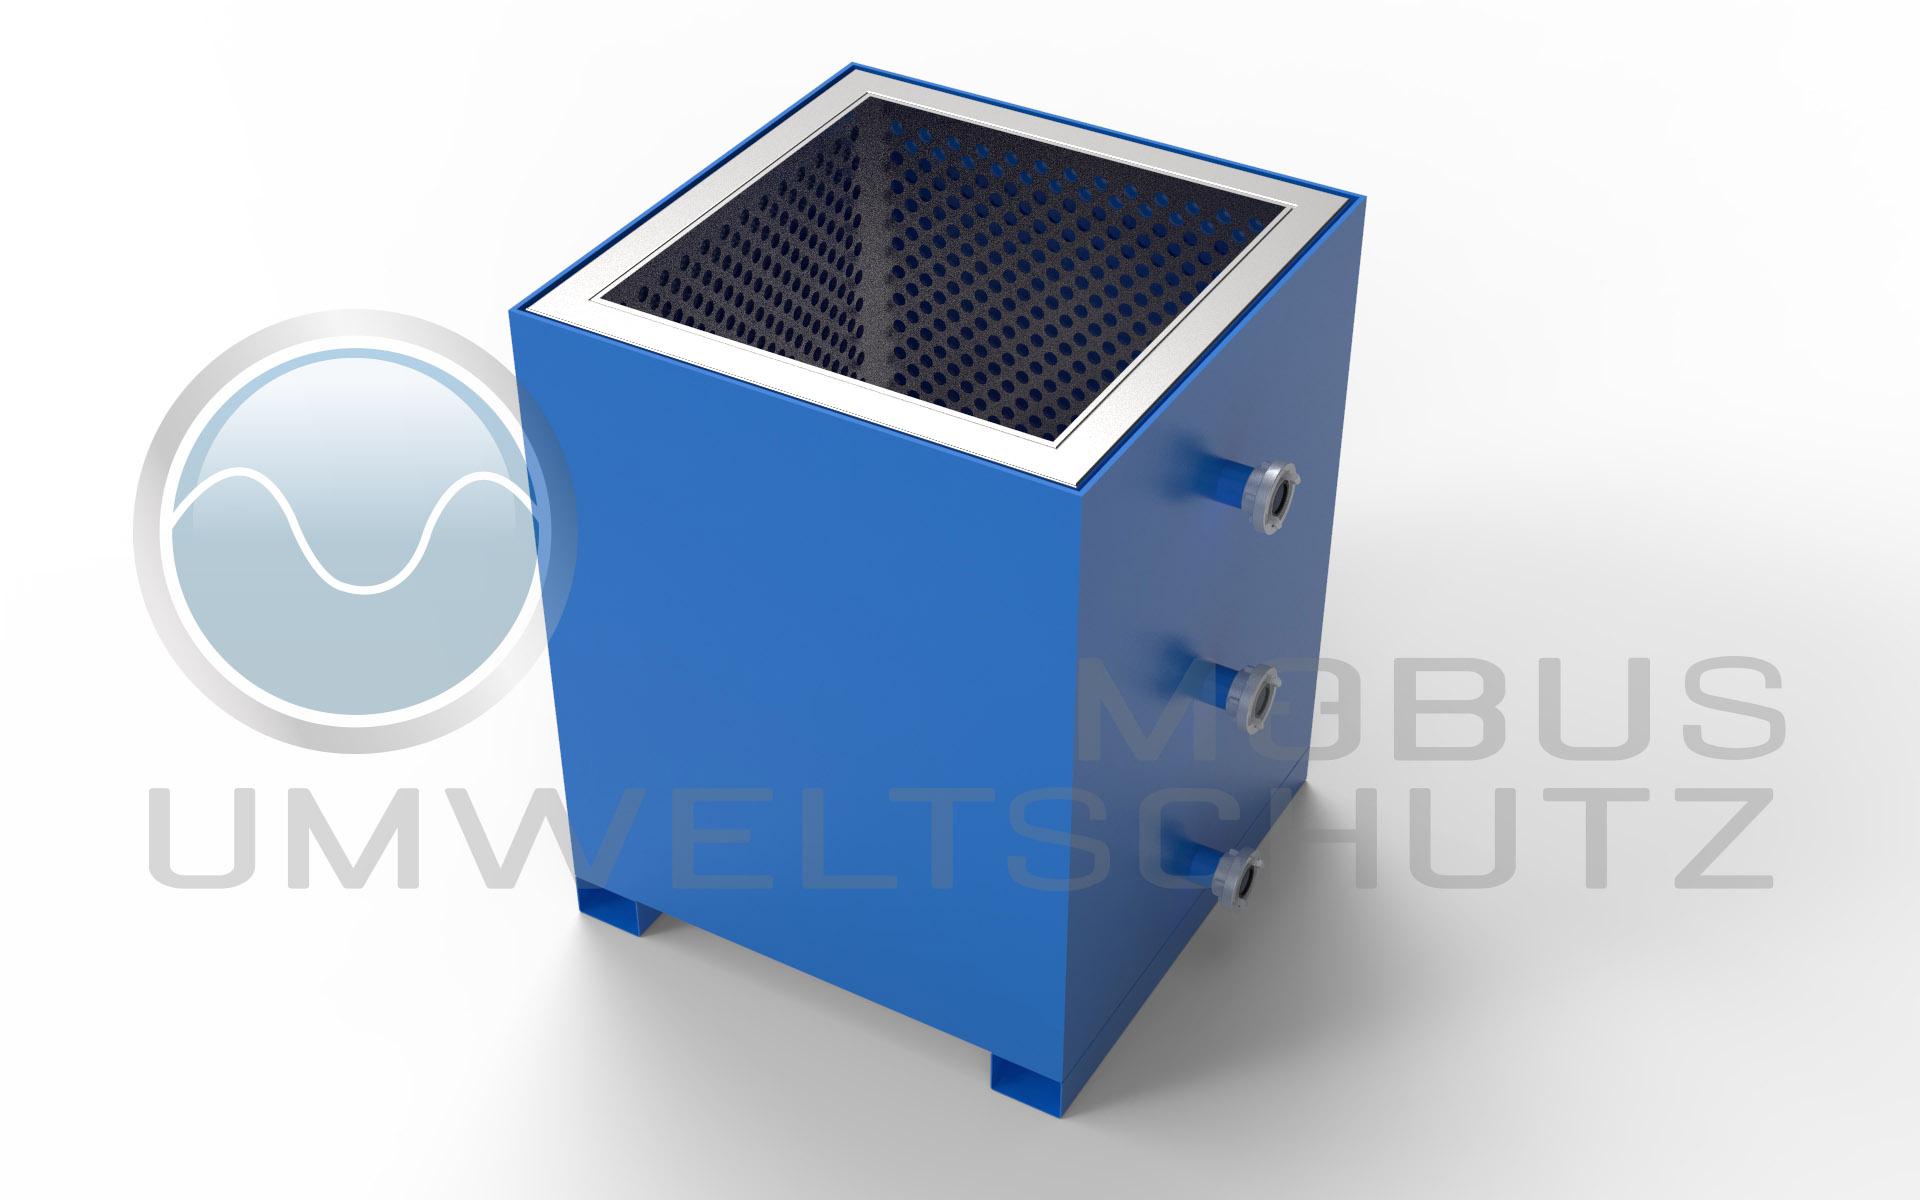 Entwässerungscontainer zur aufnahme von BIG BAG Filtersäcken